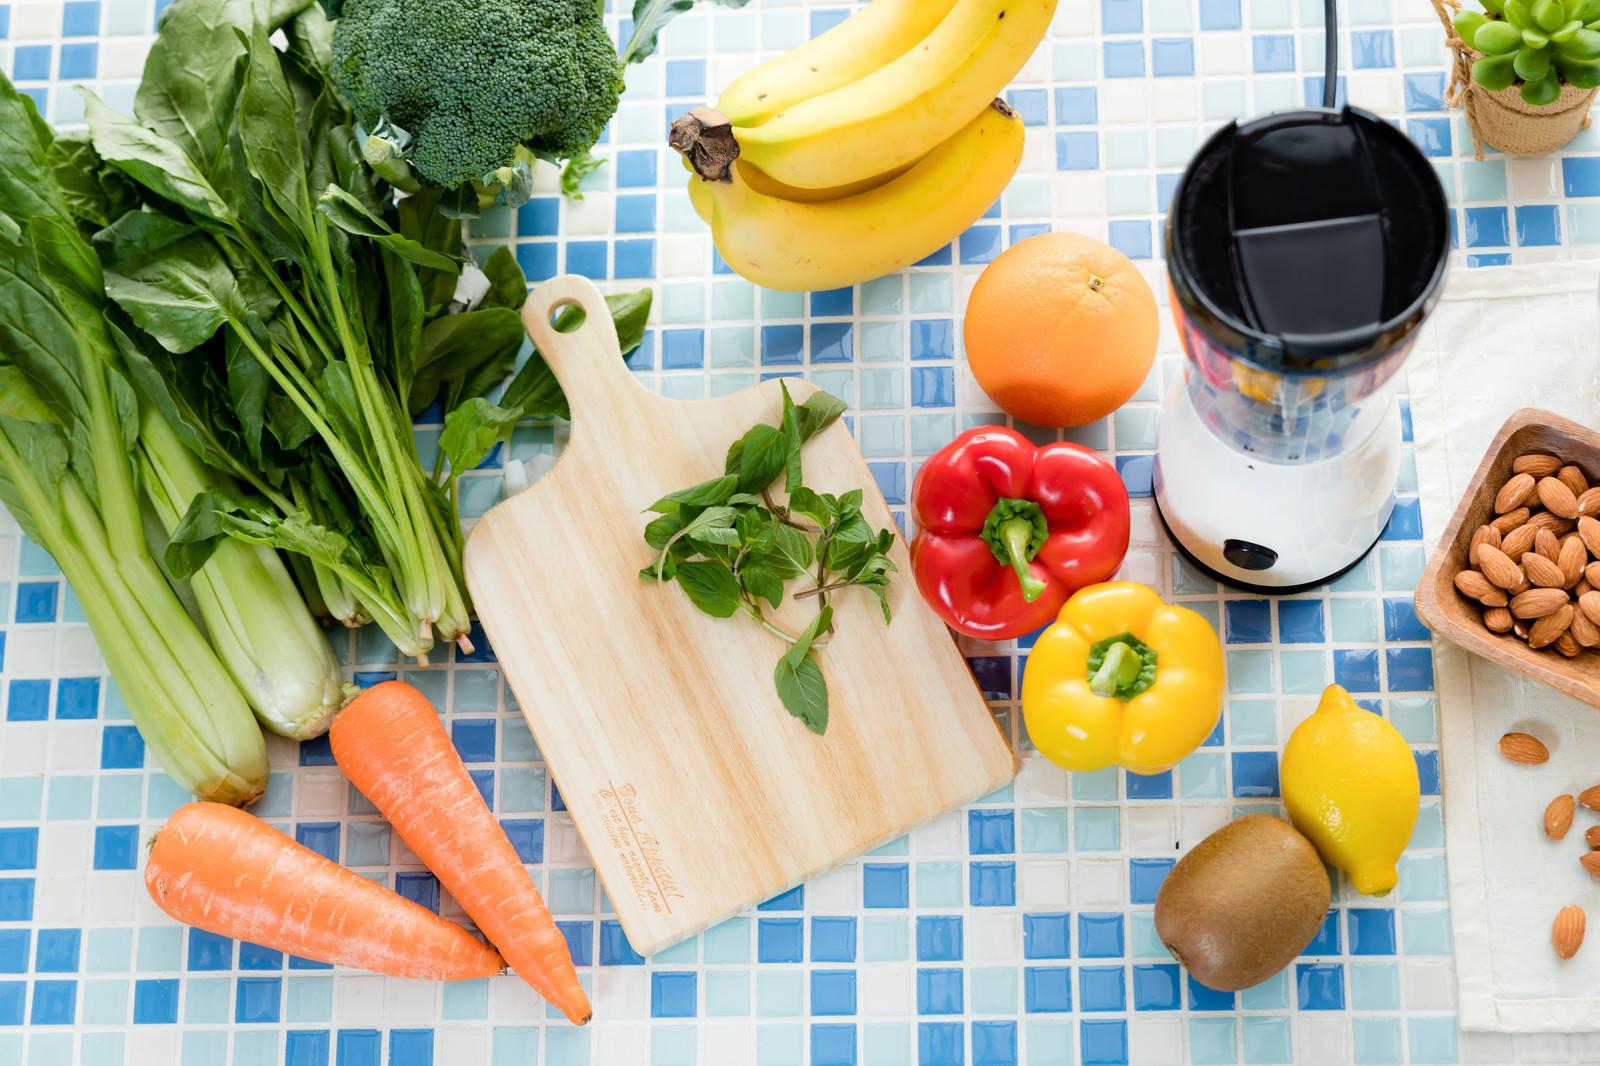 「野菜ジュース(スムージー)の食材一式野菜ジュース(スムージー)の食材一式」のフリー写真素材を拡大